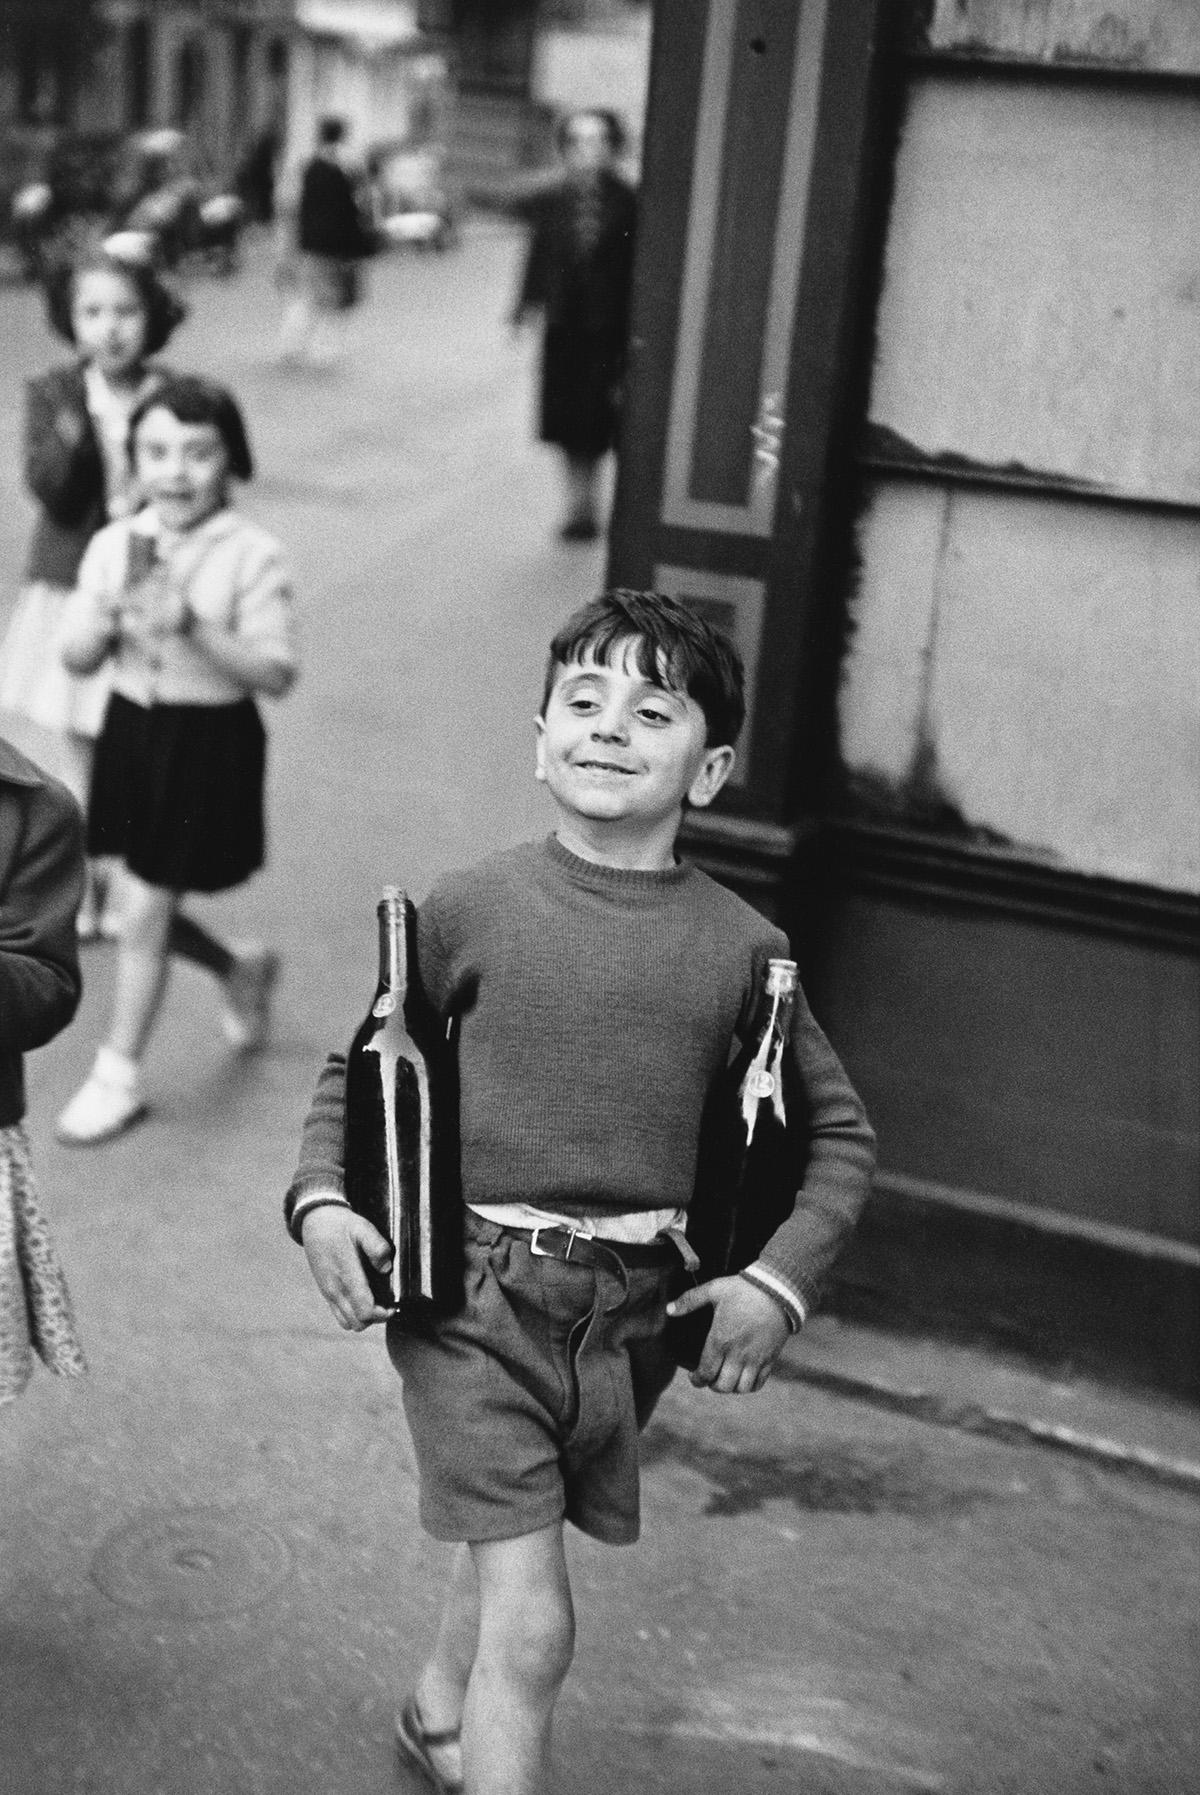 HENRI CARTIER-BRESSON (1908-2004) Rue Mouffetard.